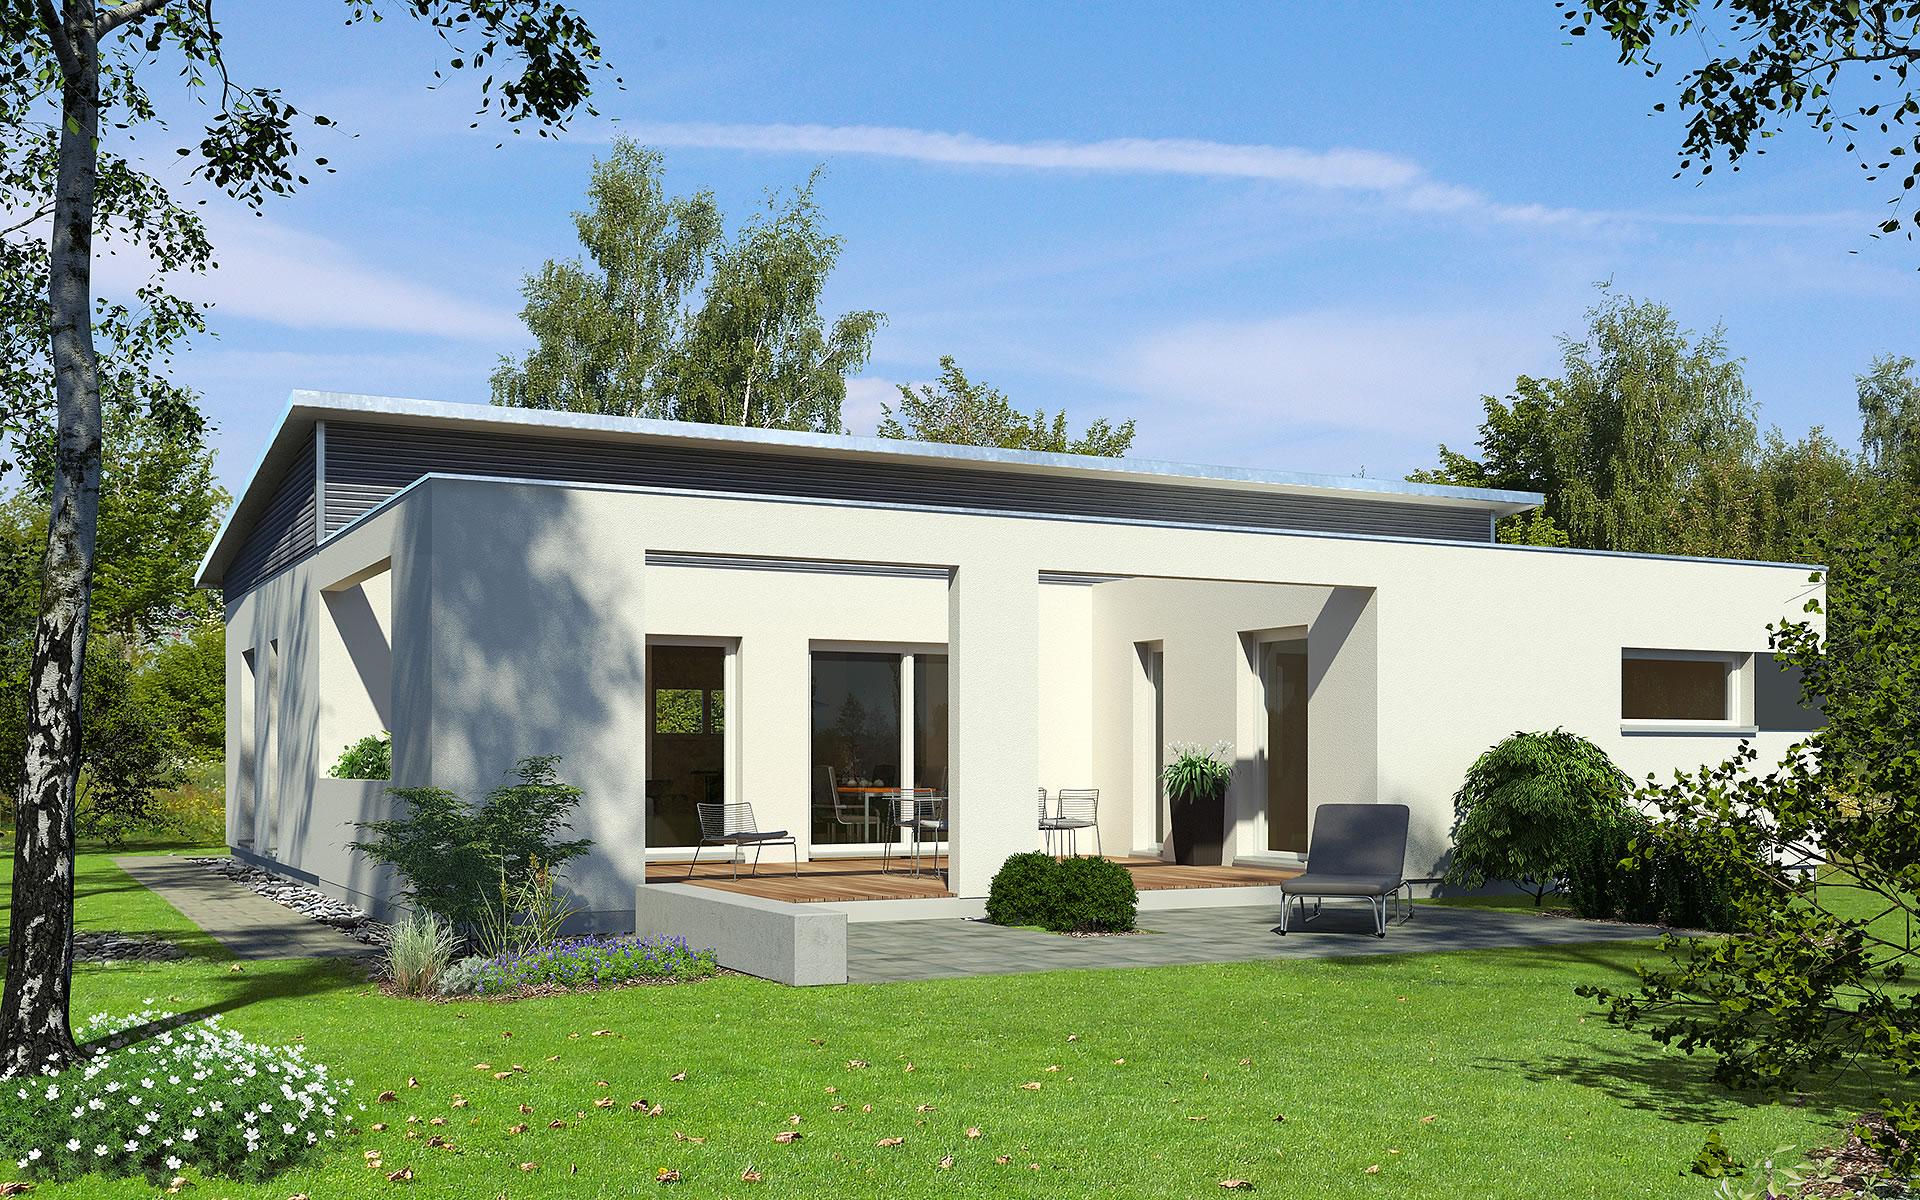 PlanMit Architektur Pultdach-Bungalow von Bau-Fritz GmbH & Co. KG, seit 1896